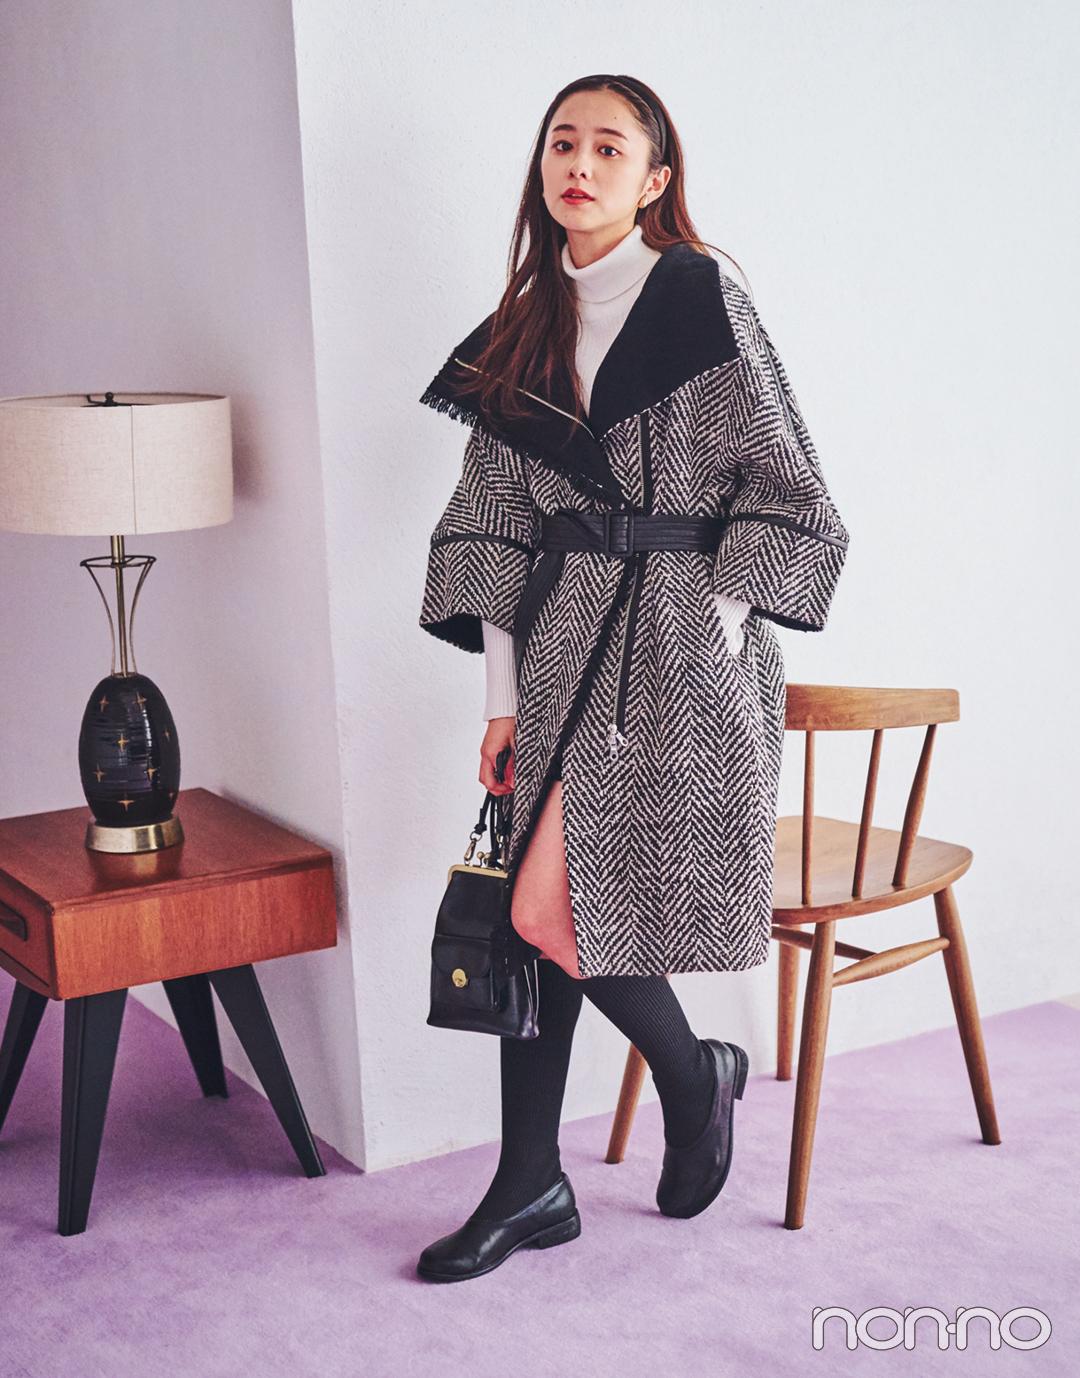 Photo Gallery 着こなしの参考に♡ ノンノモデルのリアル私服を公開!_1_23